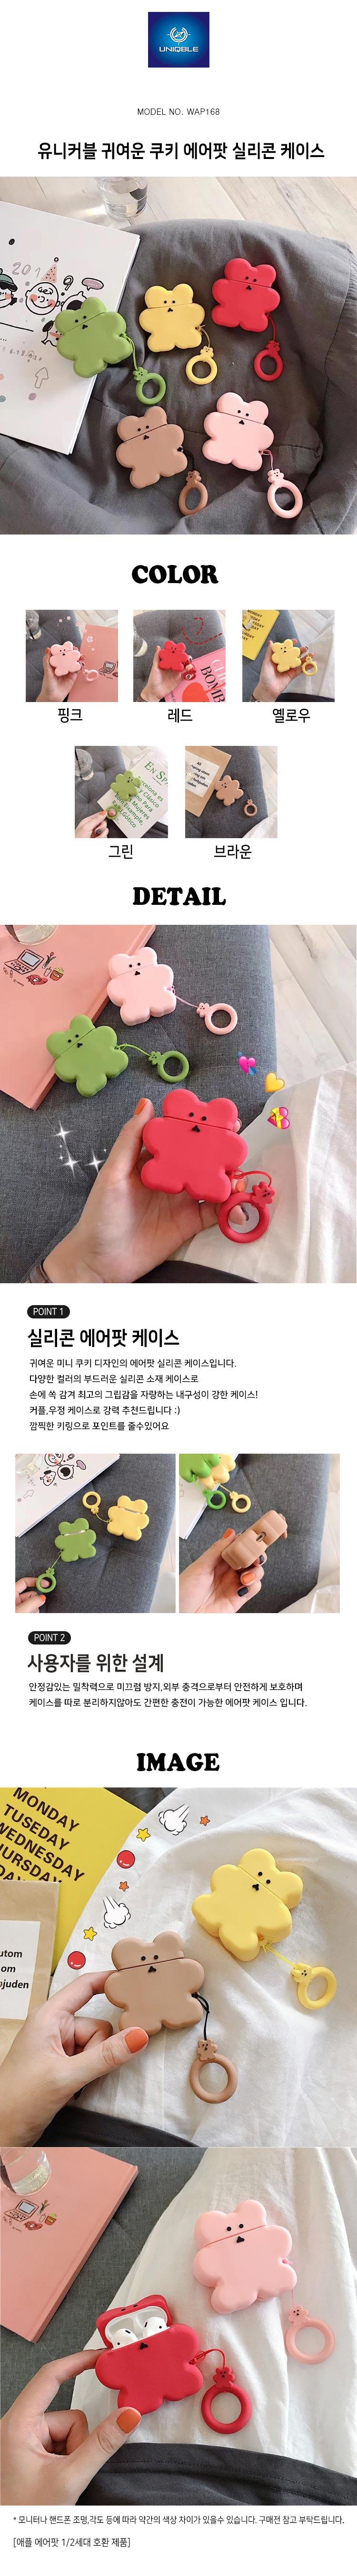 차이팟 에어팟케이스 곰돌이 쿠키 캐릭터 실리콘 커버 고리 키링세트 악세사리 1 2세대 호환 - 유니커블, 6,700원, 이어폰, 이어폰 악세서리